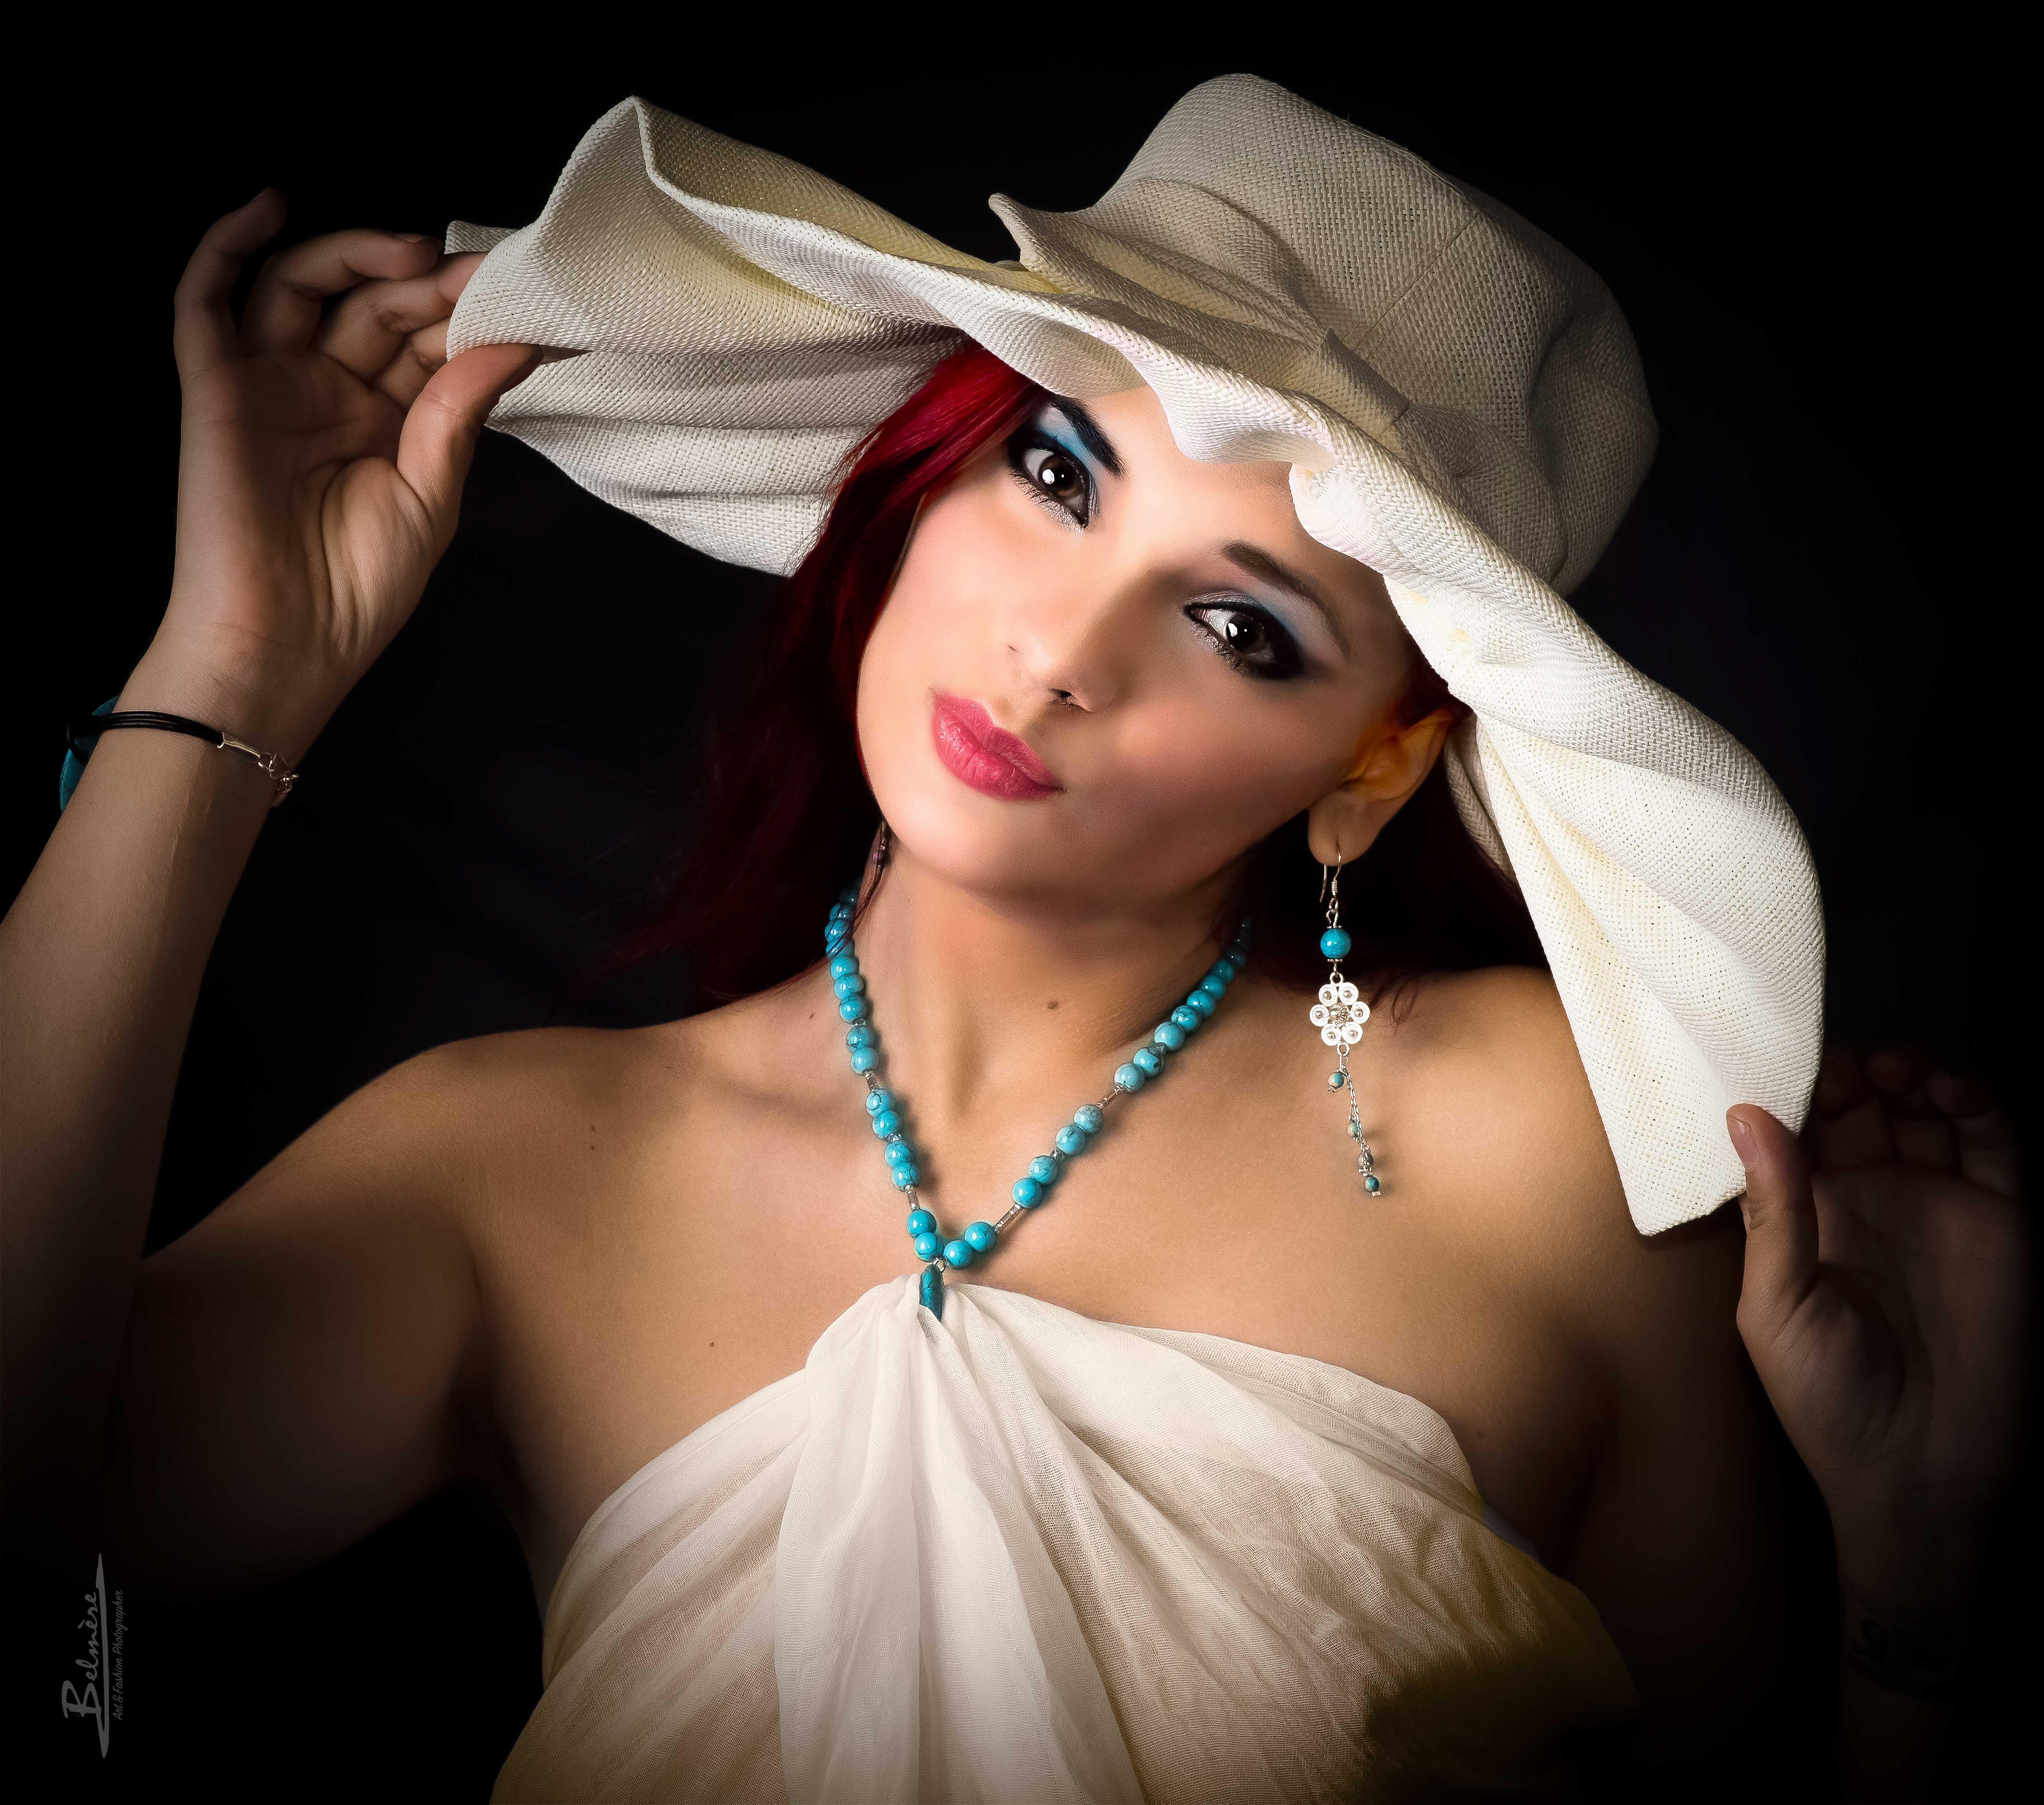 """Photographie Toulouse de Romy Locci. Photographe toulousain Jean-Victor Belmère, Photos en Studio 380... Superbe cliché du modèle maquillée par elle-même, habillée d'un paréo ivoire et d'un chapeau de même couleur ... Dénommé la """"fille au chapeau"""""""